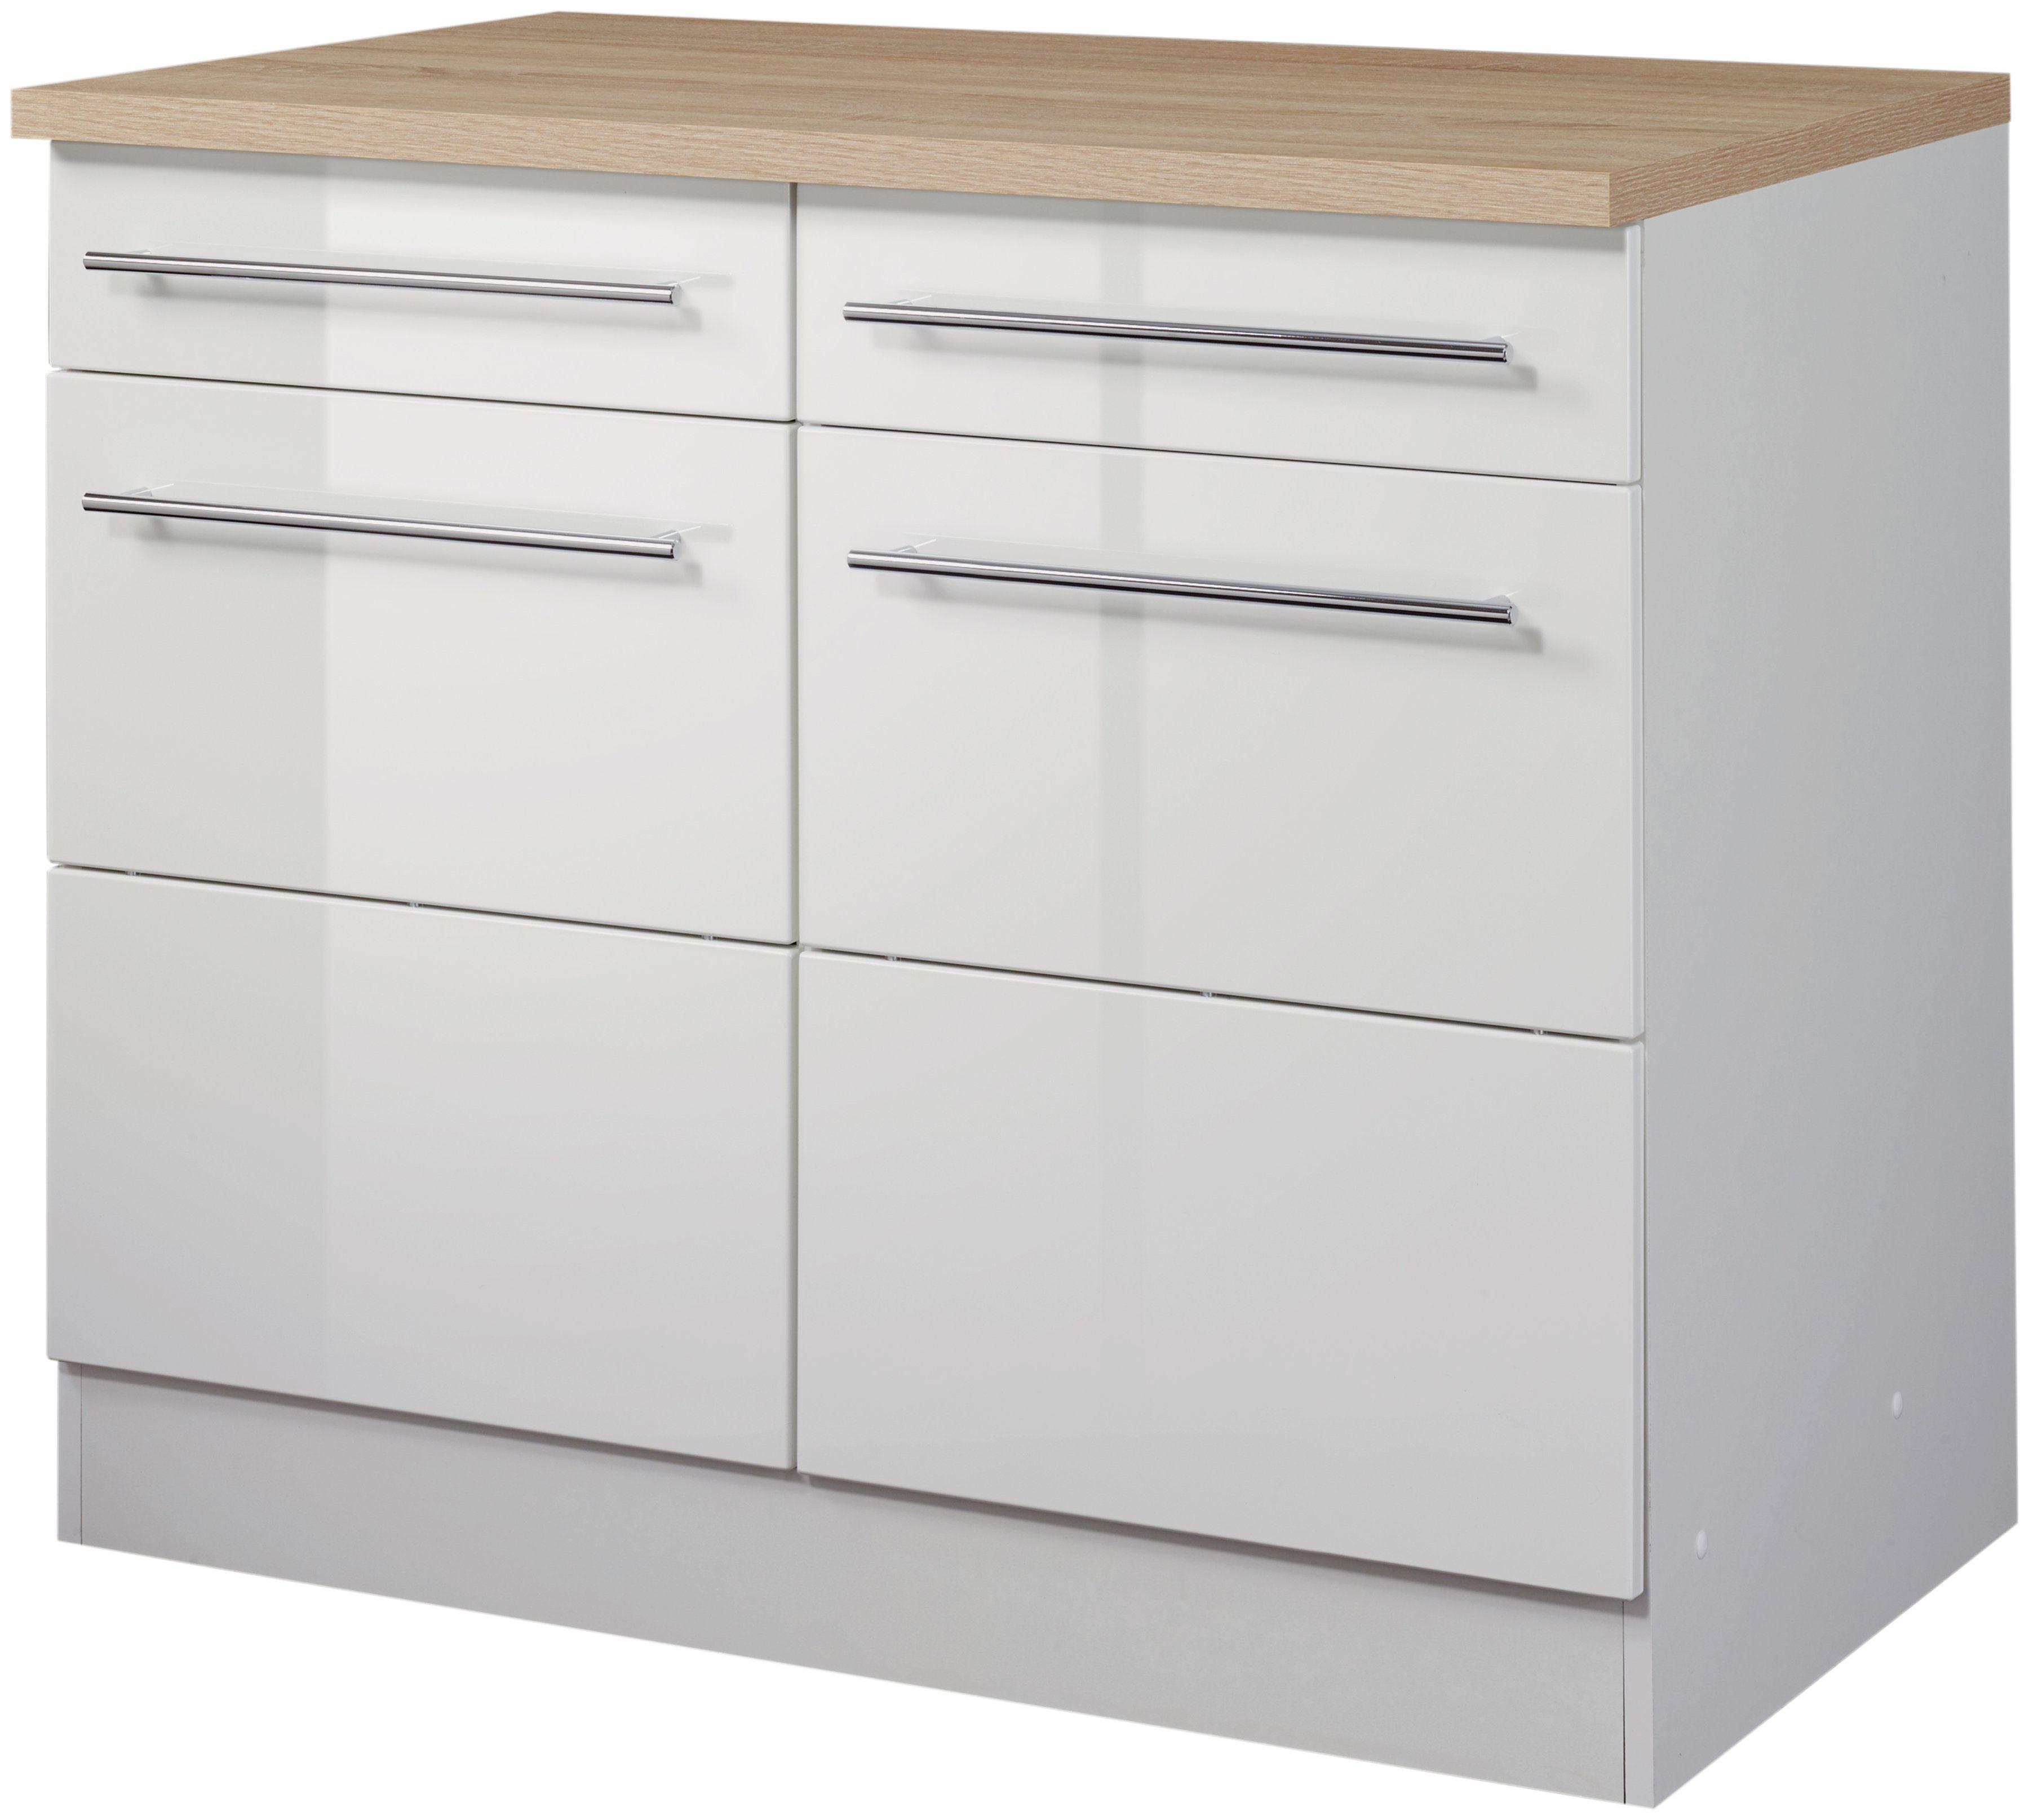 Sehr Gut HELD MÖBEL Küchenunterschrank , Breite 100 cm | OTTO TR33